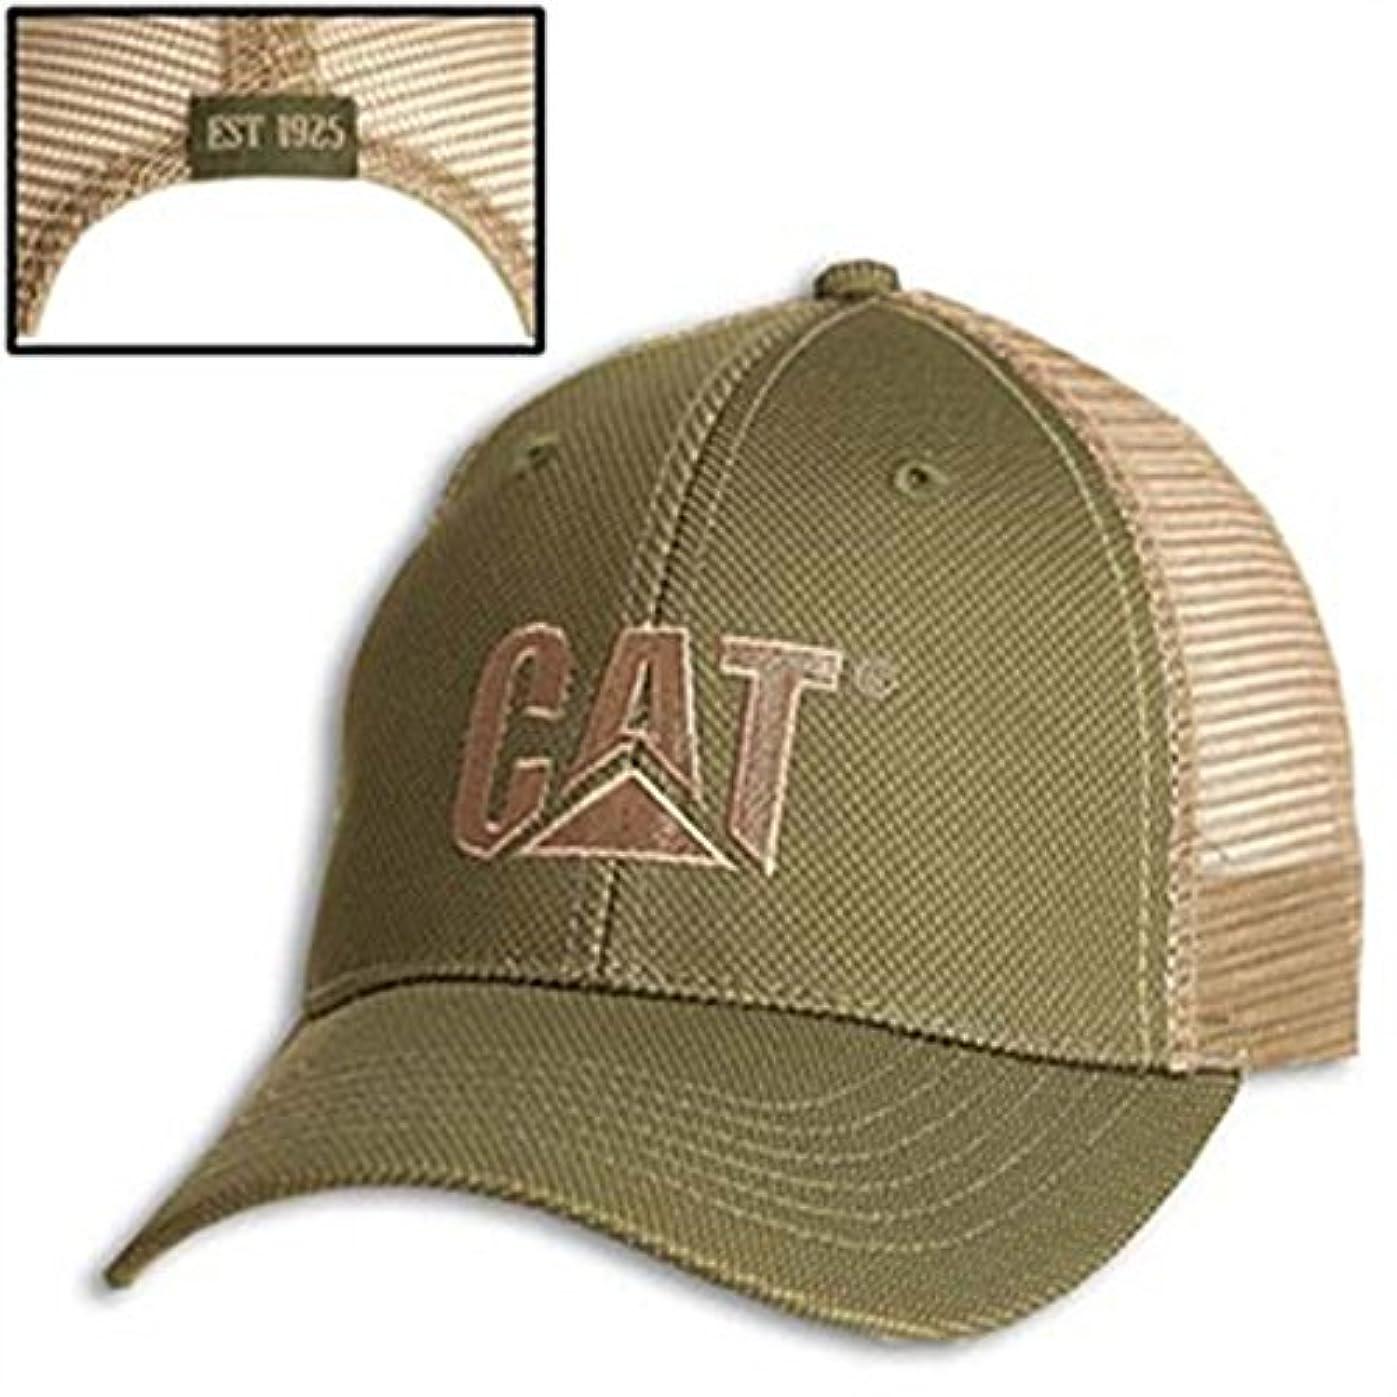 画像チョーク幸福Caterpillar CAT Green Twill / Tanメッシュキャップ